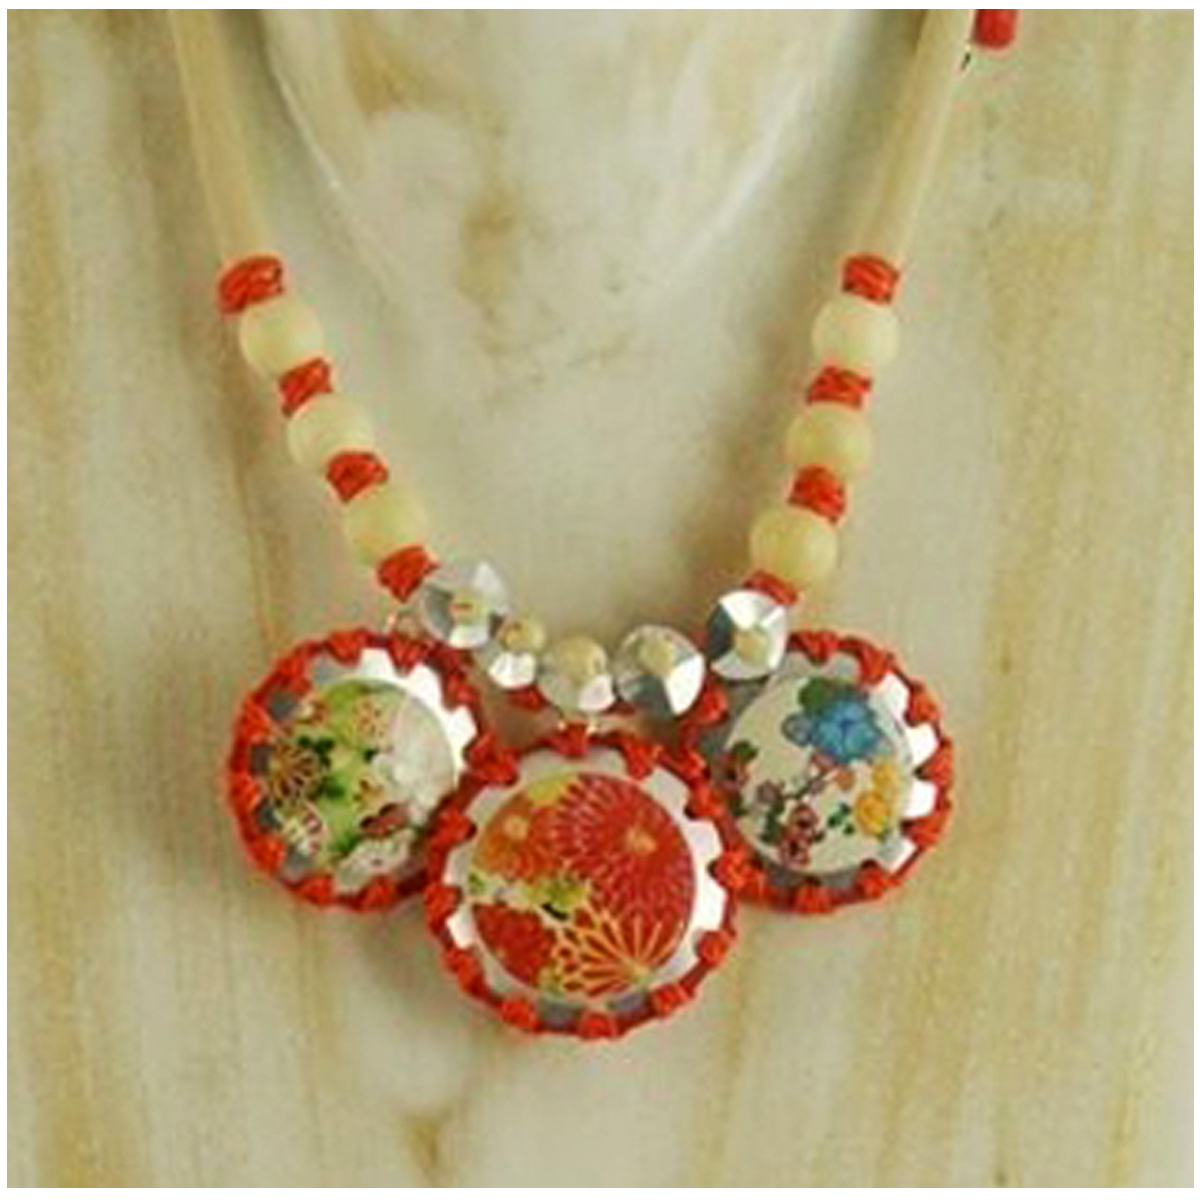 Collier artisanal \'Mistinguette\' rouge argenté - 11x4 cm  - [R4310]